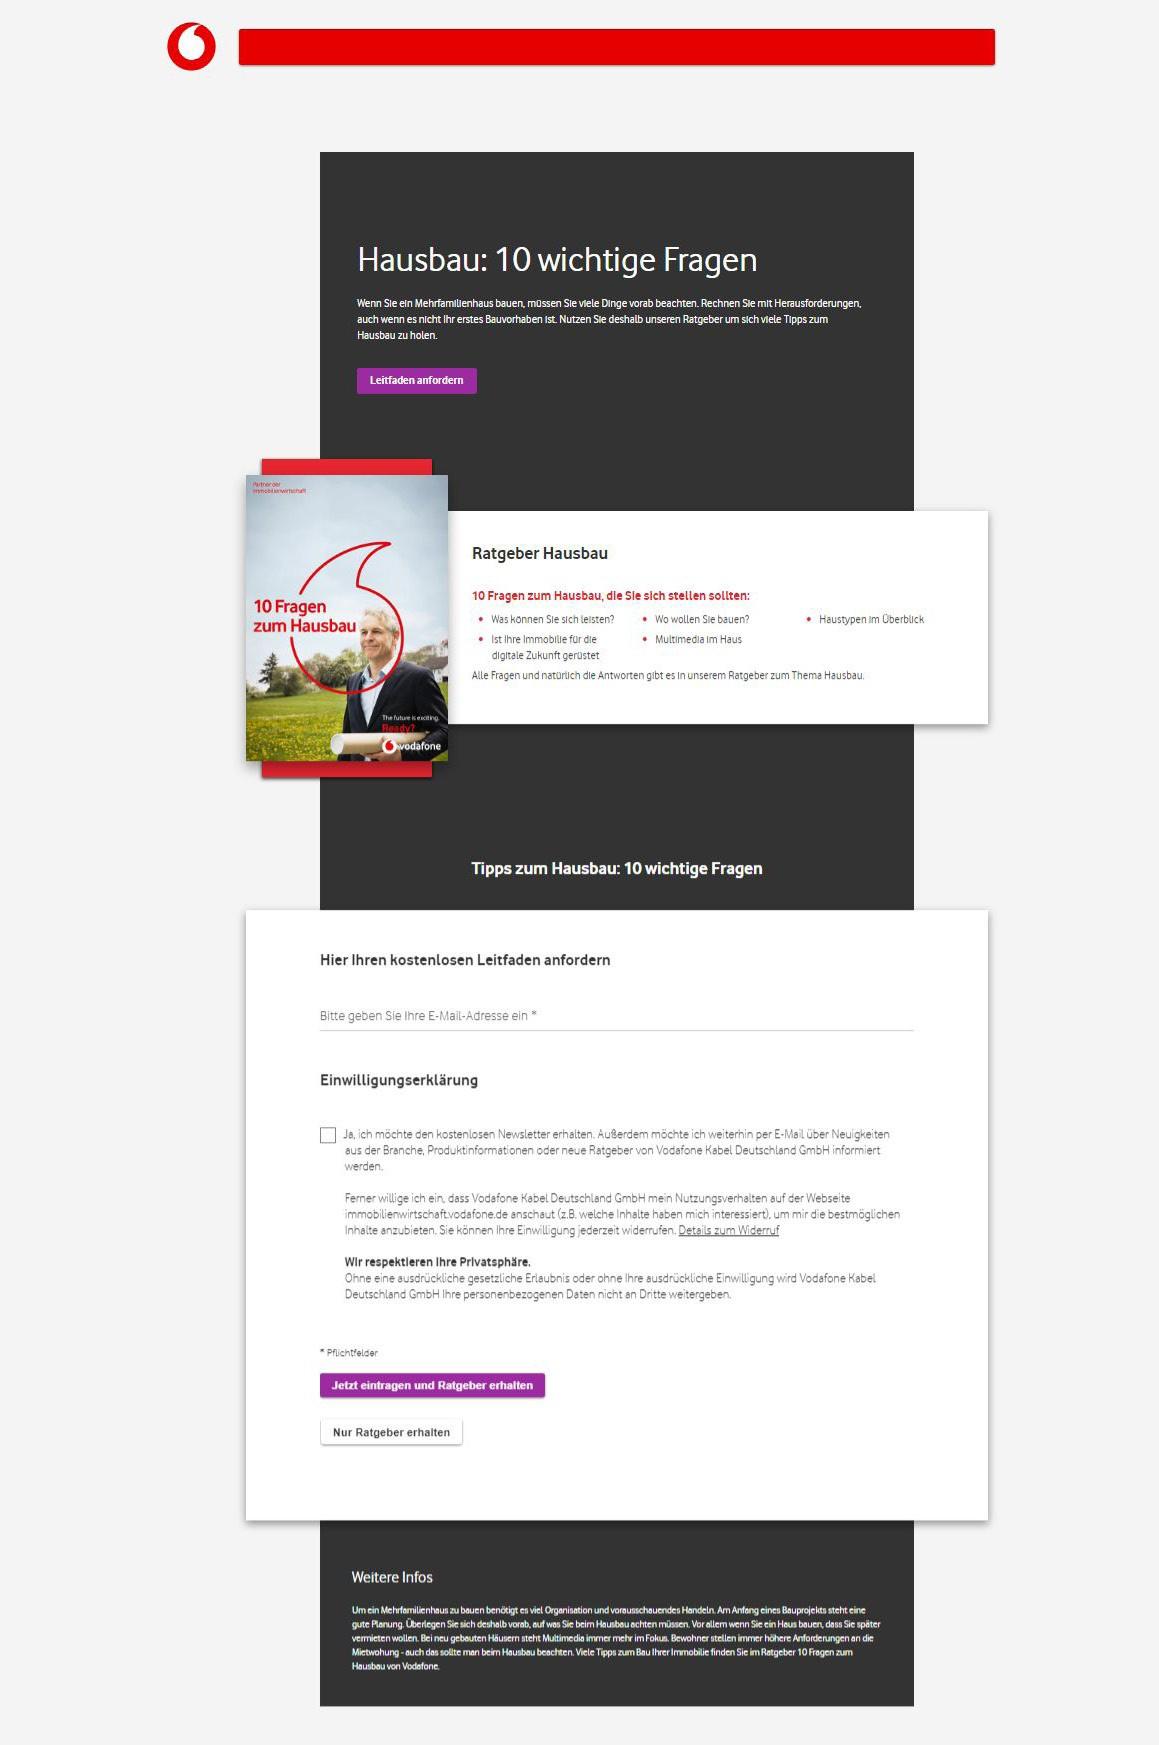 """Beispiel-Landingpage zum Leitfaden """"Hausbau: 10 wichtige Fragen"""". Quelle: Vodafone."""